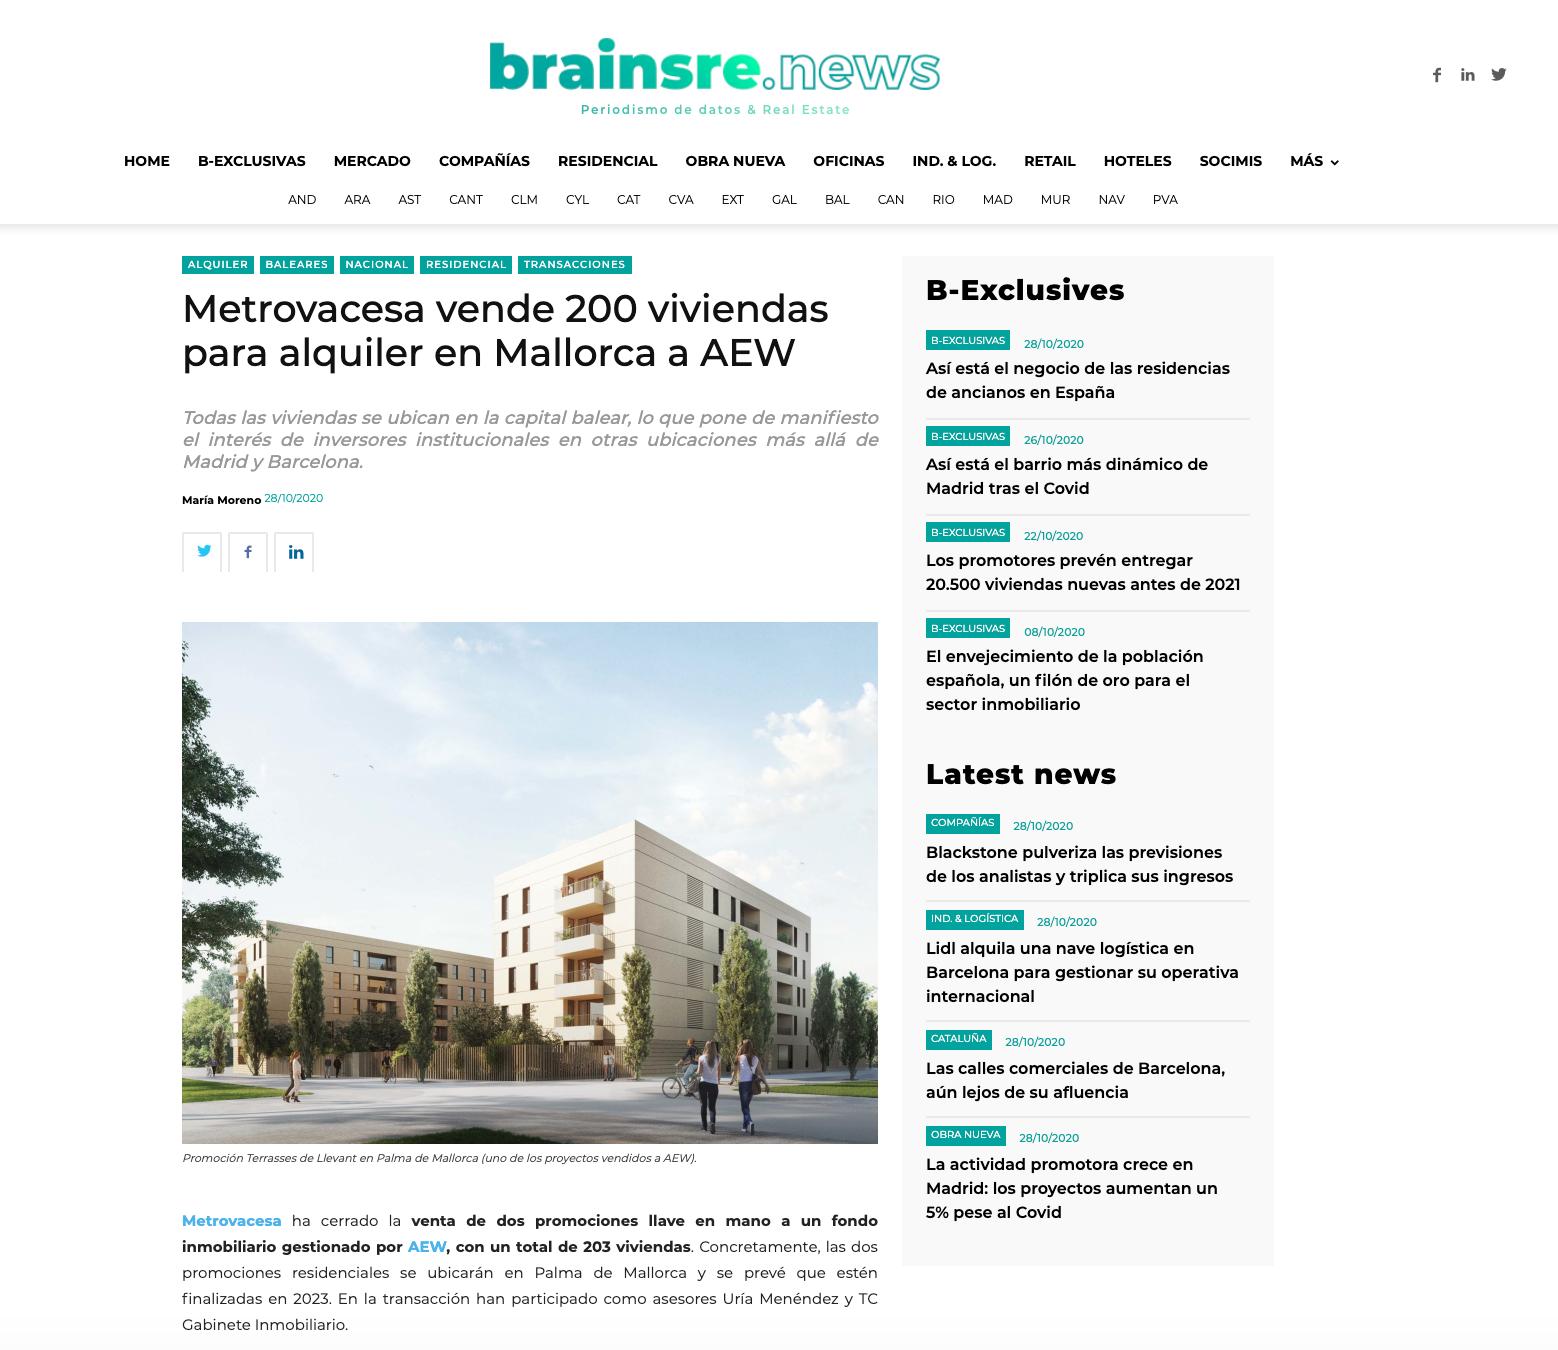 Metrovacesa vende 200 viviendas para alquiler en Mallorca a AEW